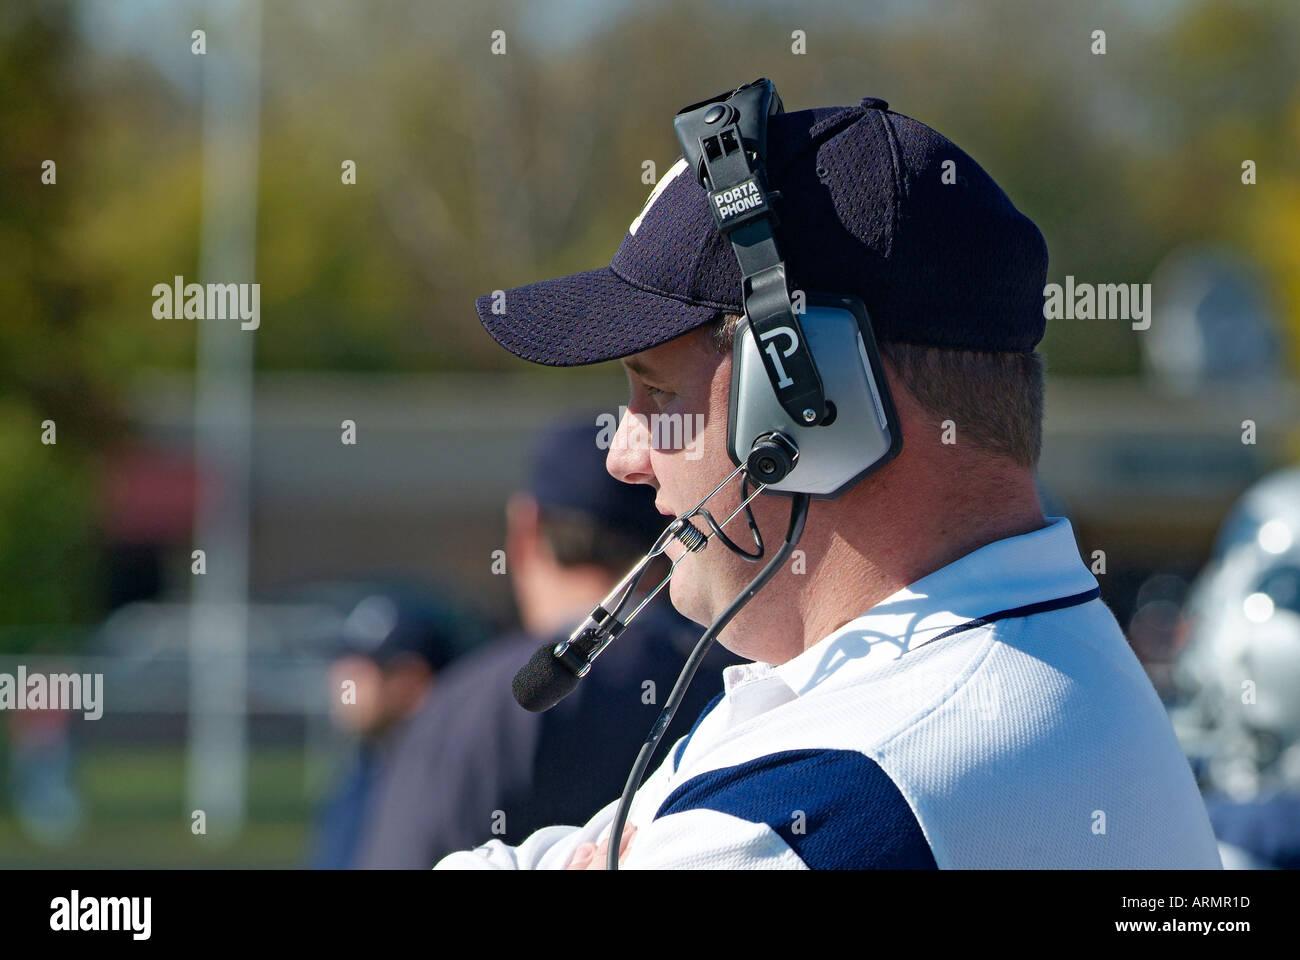 Entrenador de Fútbol americano a nivel High School comunicarse con otros entrenadores por medio del uso de auriculares inalámbricos Imagen De Stock